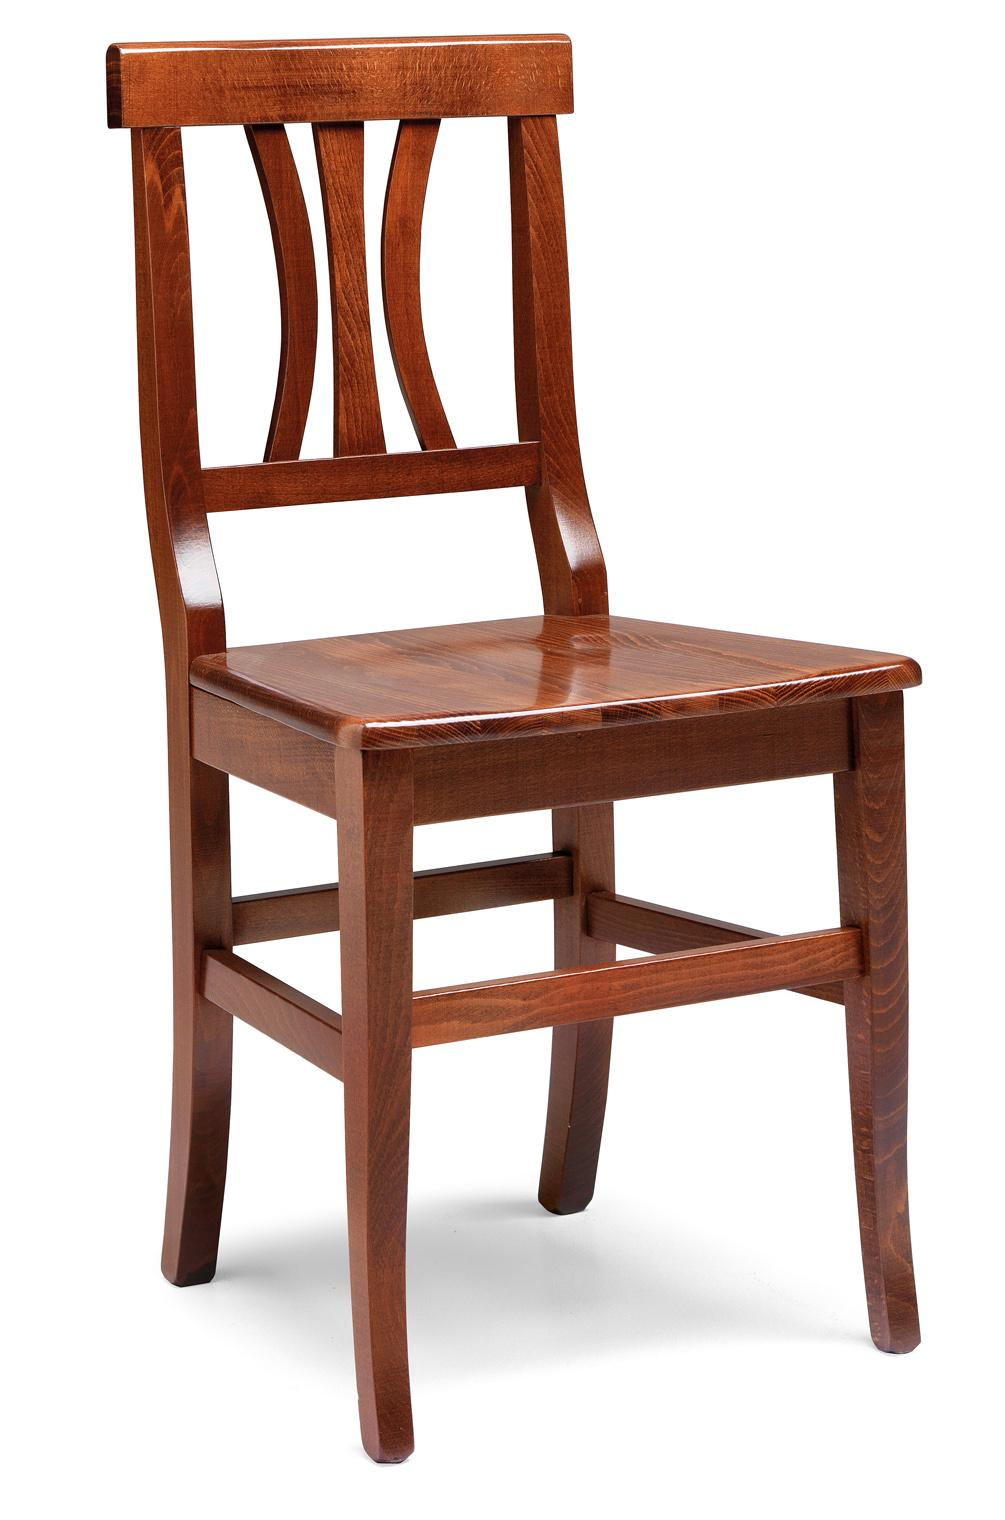 Sedie da cucina design 4 0 10000 0 pezzi - Sedie in legno design ...